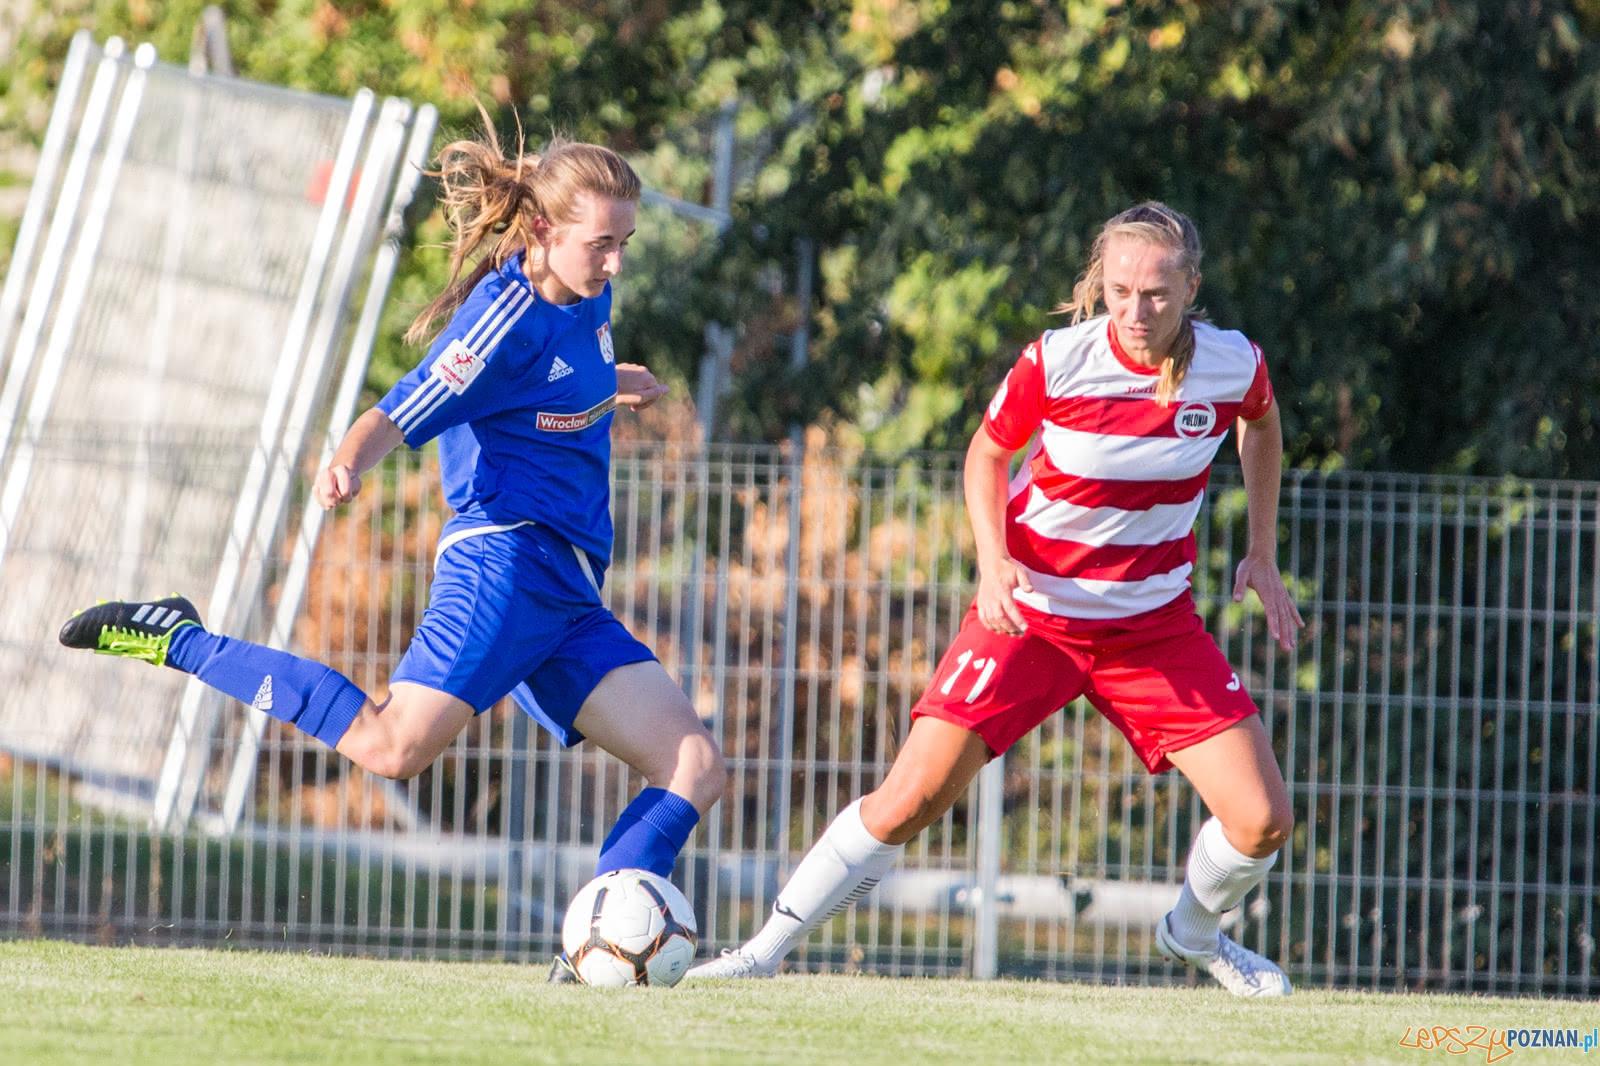 Ekstraliga: Polonia Poznań - AZS Wrocław 0:2 - Poznań 08.09.2  Foto: LepszyPOZNAN.pl / Paweł Rychter